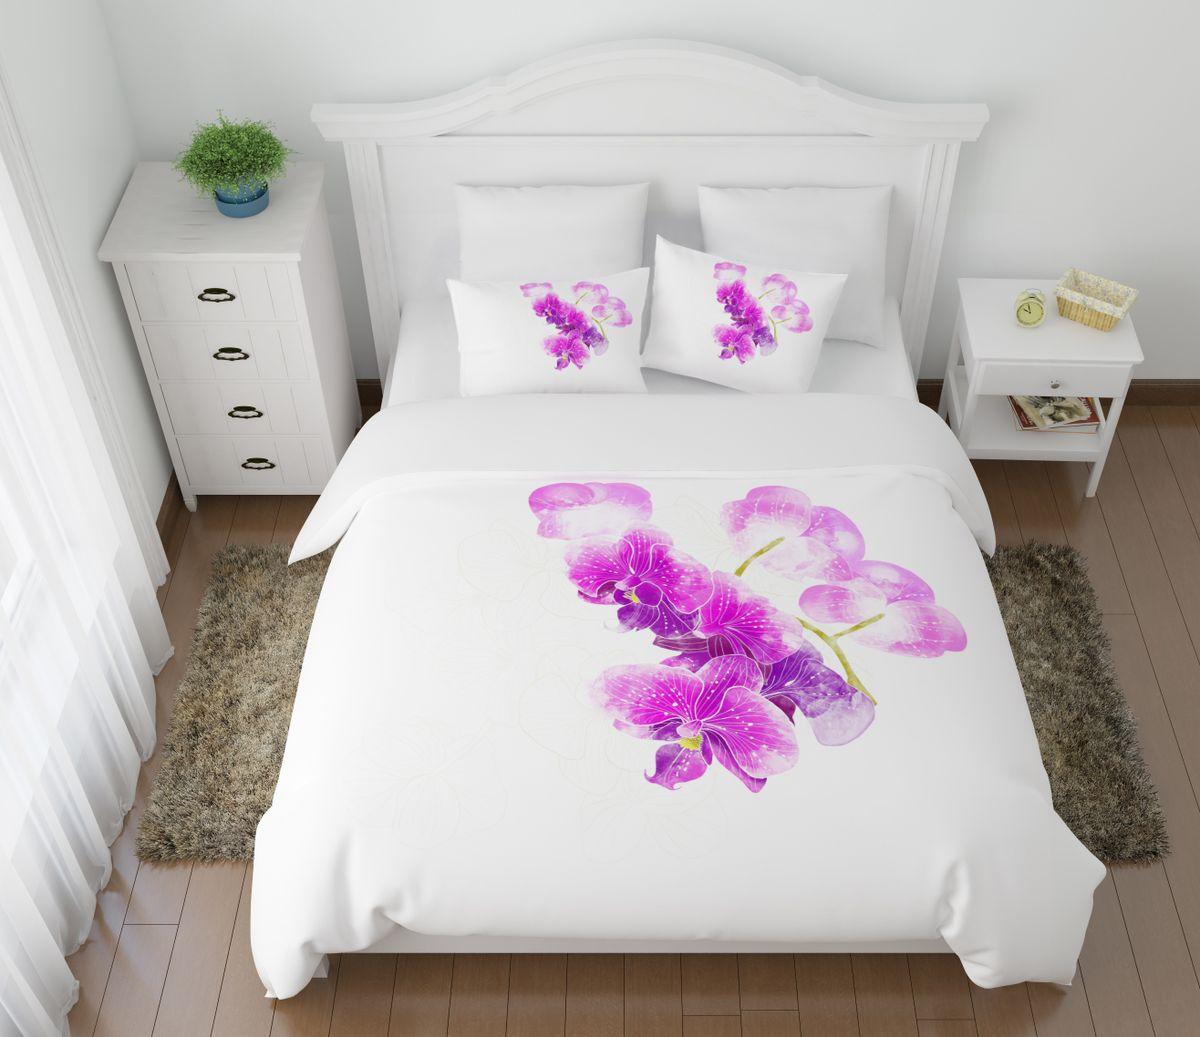 Комплект белья Сирень Ветка орхидеи, семейный, наволочки 50х70, 70х7008428-КПБС-МКомплект постельного белья Сирень выполнен из прочной и мягкой ткани. Четкий и стильный рисунок в сочетании с насыщенными красками делают комплект постельного белья неповторимой изюминкой любого интерьера.Постельное белье идеально подойдет для подарка. Идеальное соотношение смешенной ткани и гипоаллергенных красок - это гарантия здорового, спокойного сна. Ткань хорошо впитывает влагу, надолго сохраняет яркость красок.В комплект входят: простынь, 2 пододеяльника, четыре наволочки. Постельное белье легко стирать при 30-40°С, гладить при 150°С, не отбеливать. Рекомендуется перед первым использованием постирать.УВАЖАЕМЫЕ КЛИЕНТЫ! Обращаем ваше внимание, что цвет простыни, пододеяльника, наволочки в комплектации может немного отличаться от представленного на фото.